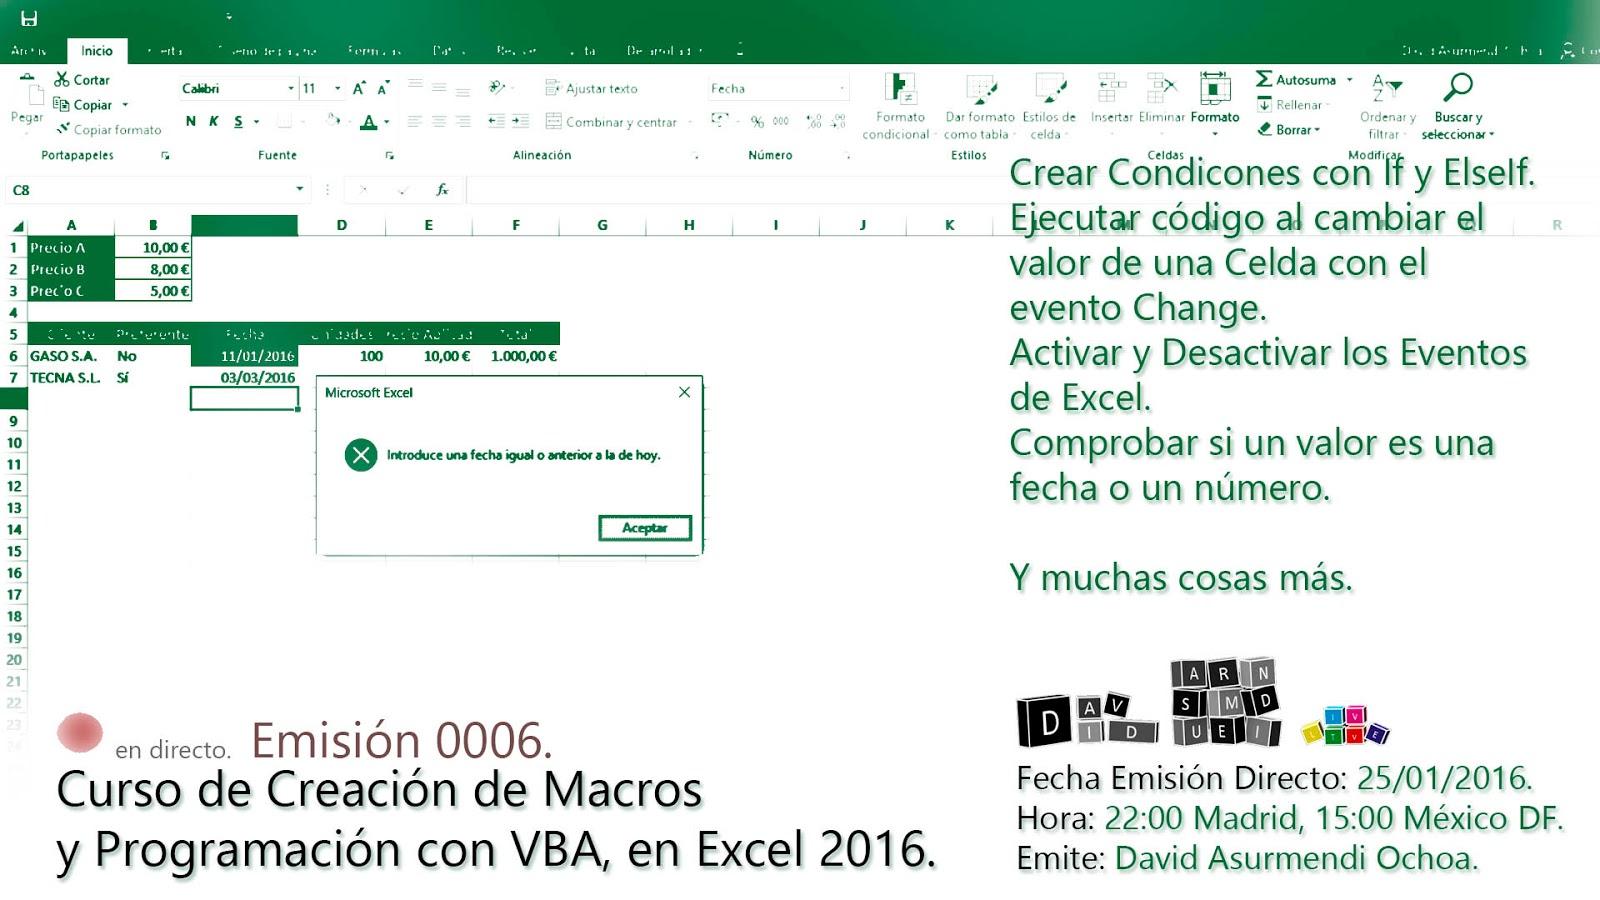 Macros y Programación VBA en Excel 2016.Crear varias ...